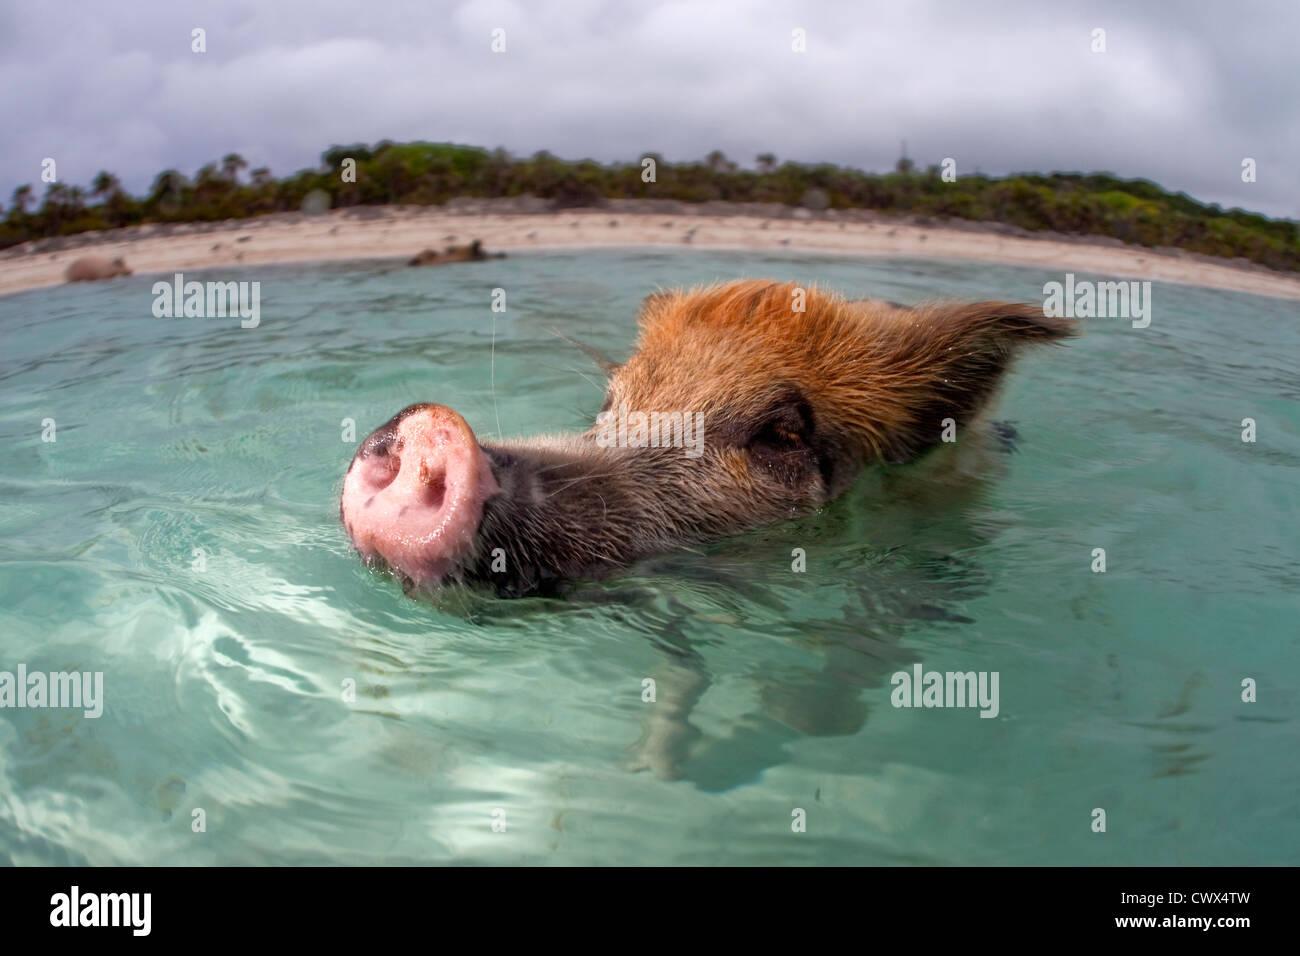 Un cochon sauvage nage jusqu'à un bateau plein de touristes à Staniel Cay aux Bahamas. Banque D'Images